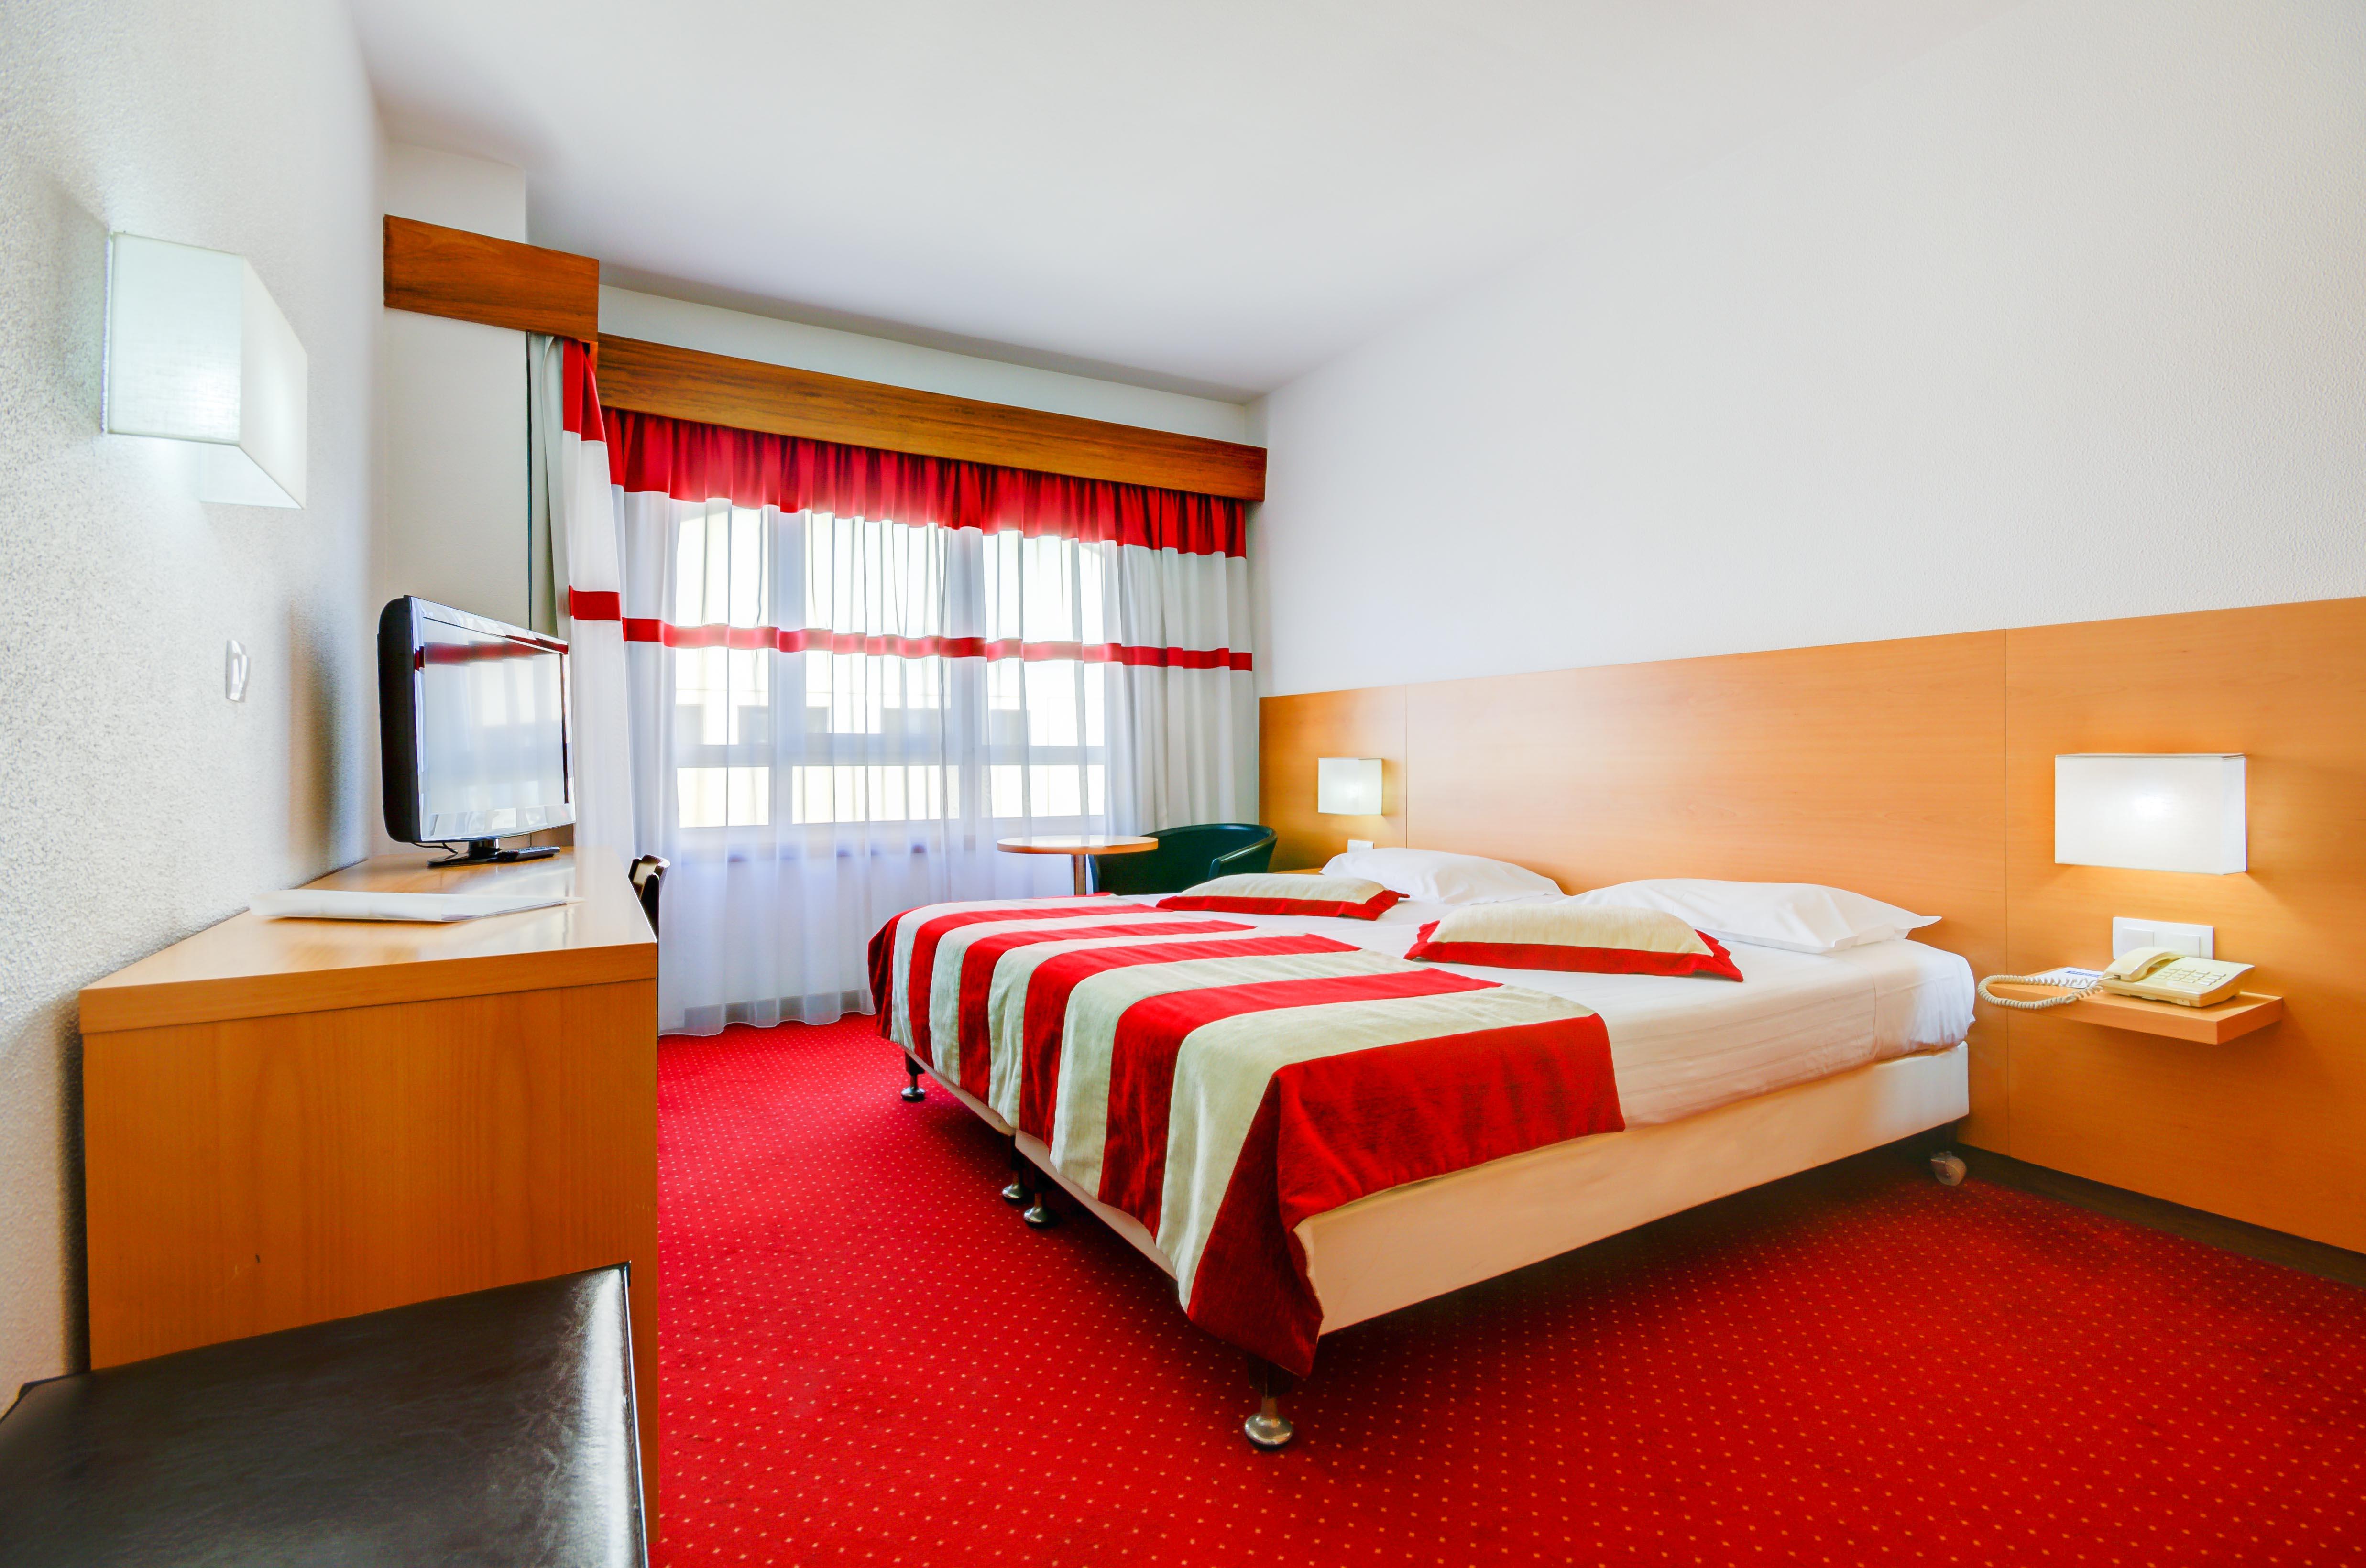 Fotos del hotel - BETA-PORTO